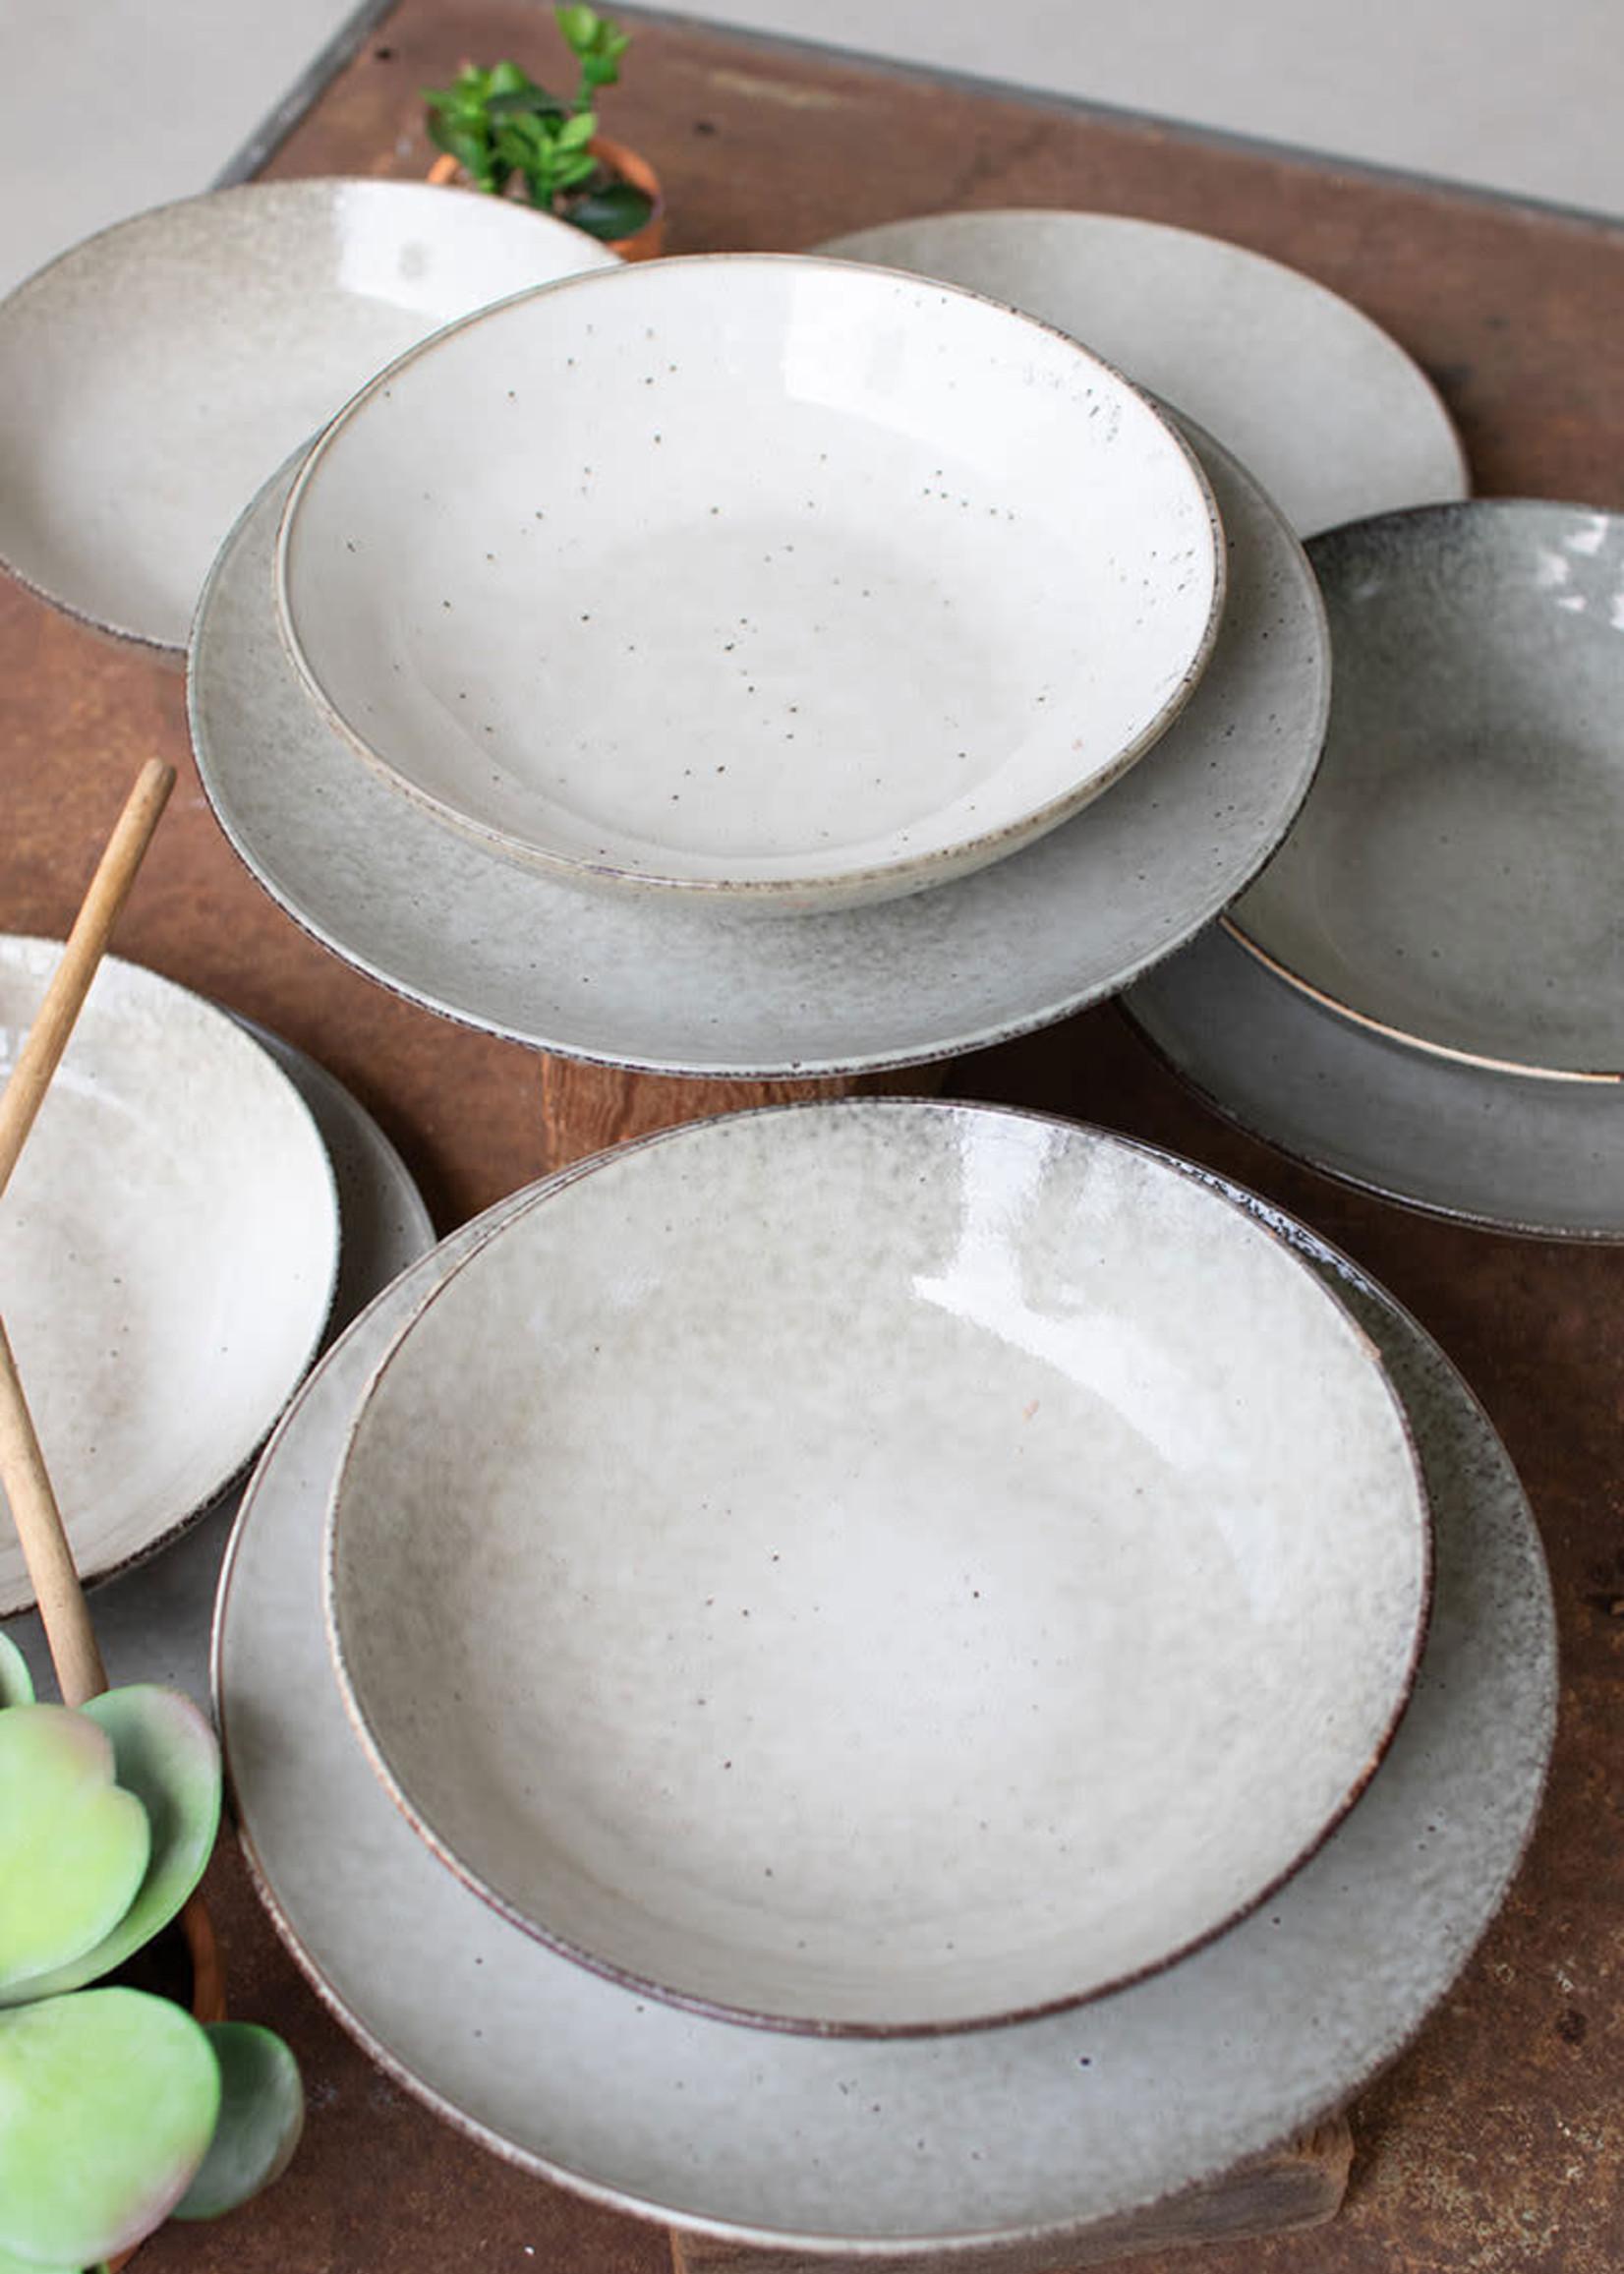 Ceramic Dinner Bowl